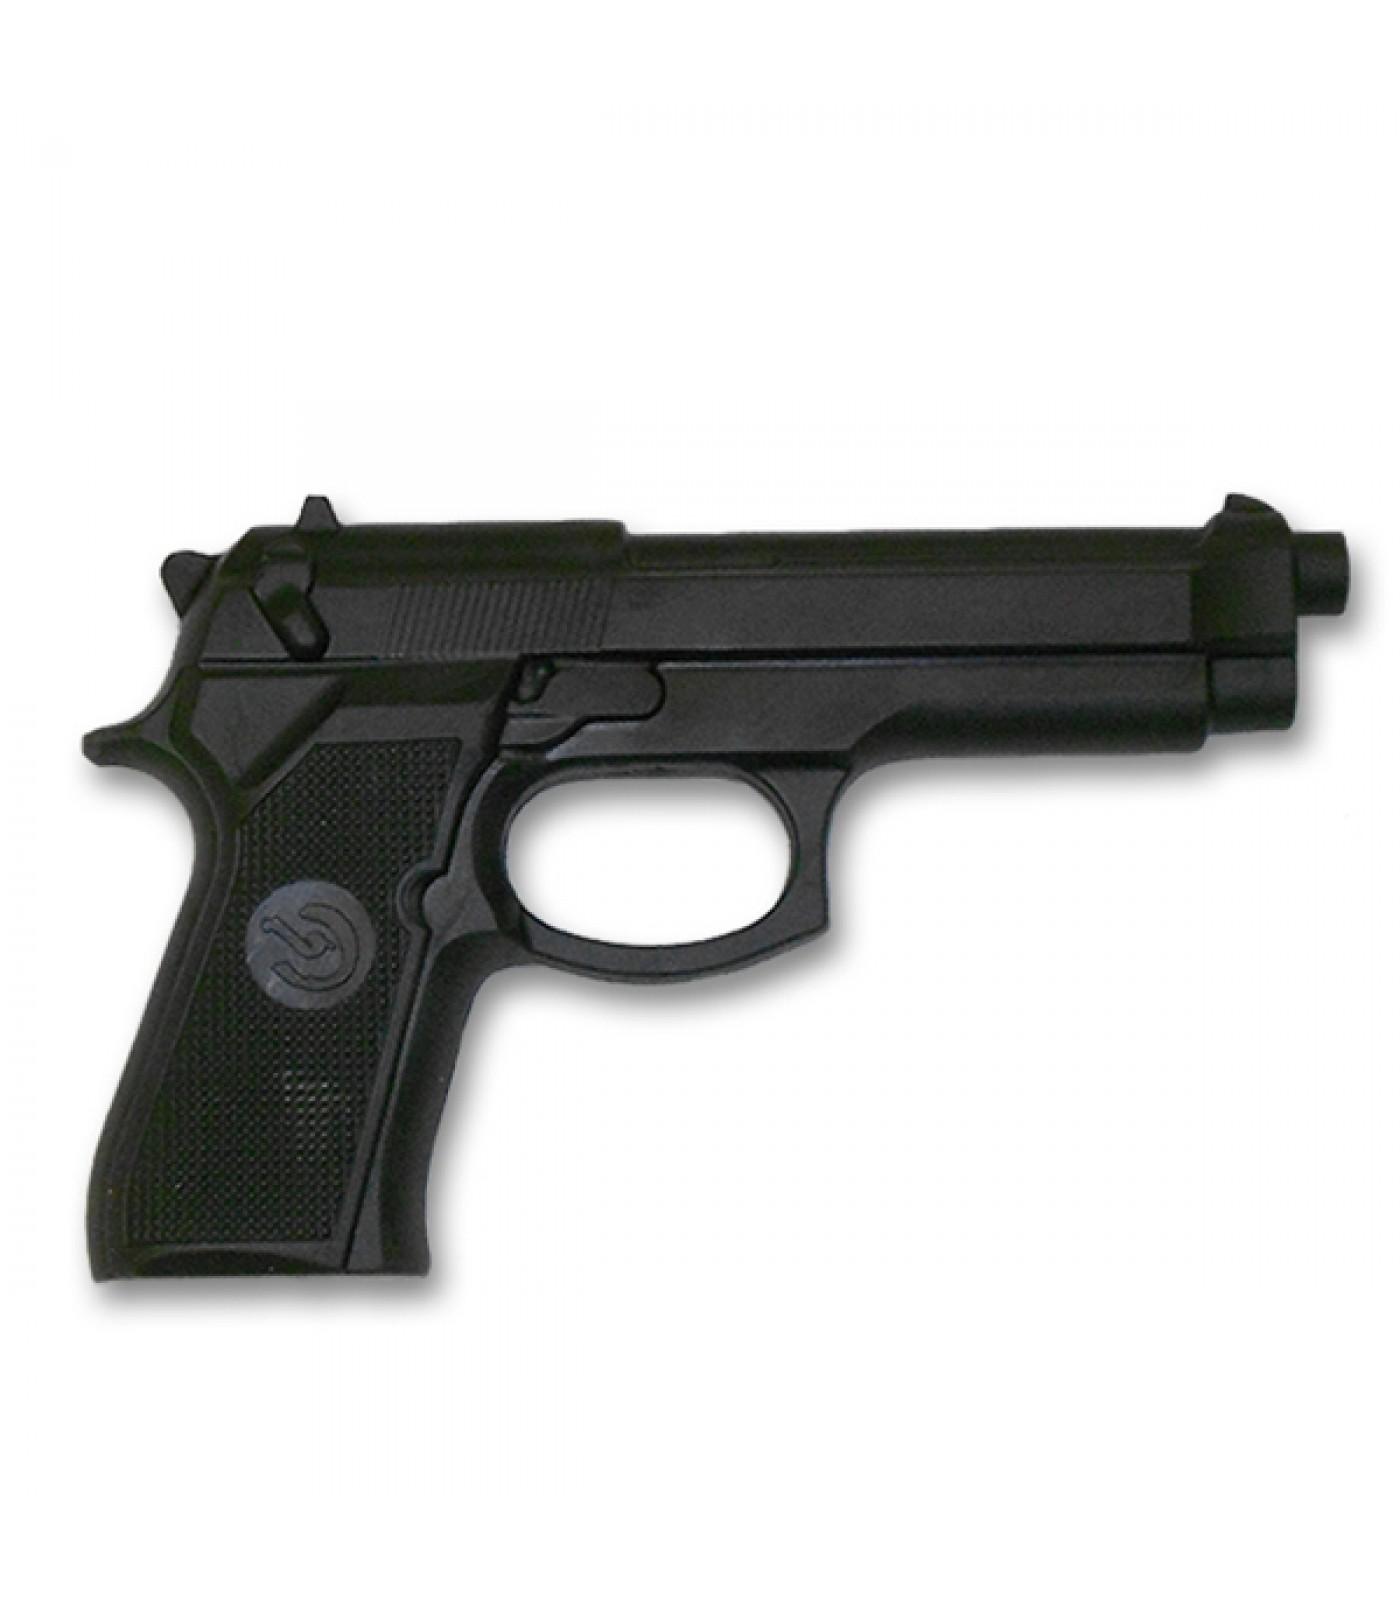 EON Sport - Гумен пистолет за тренировка